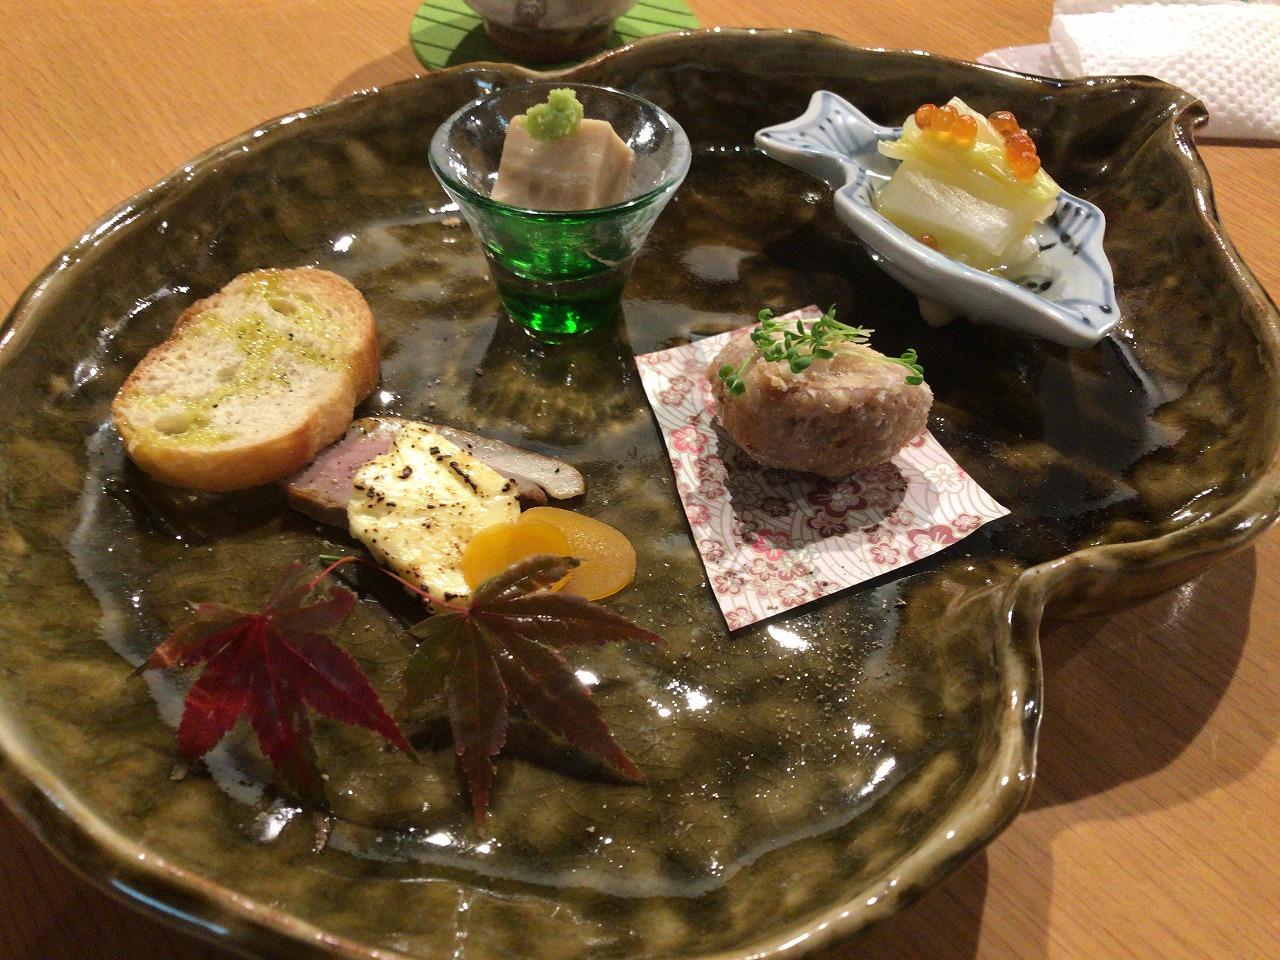 魚食屋れすとらん「びび」コース料理の前菜